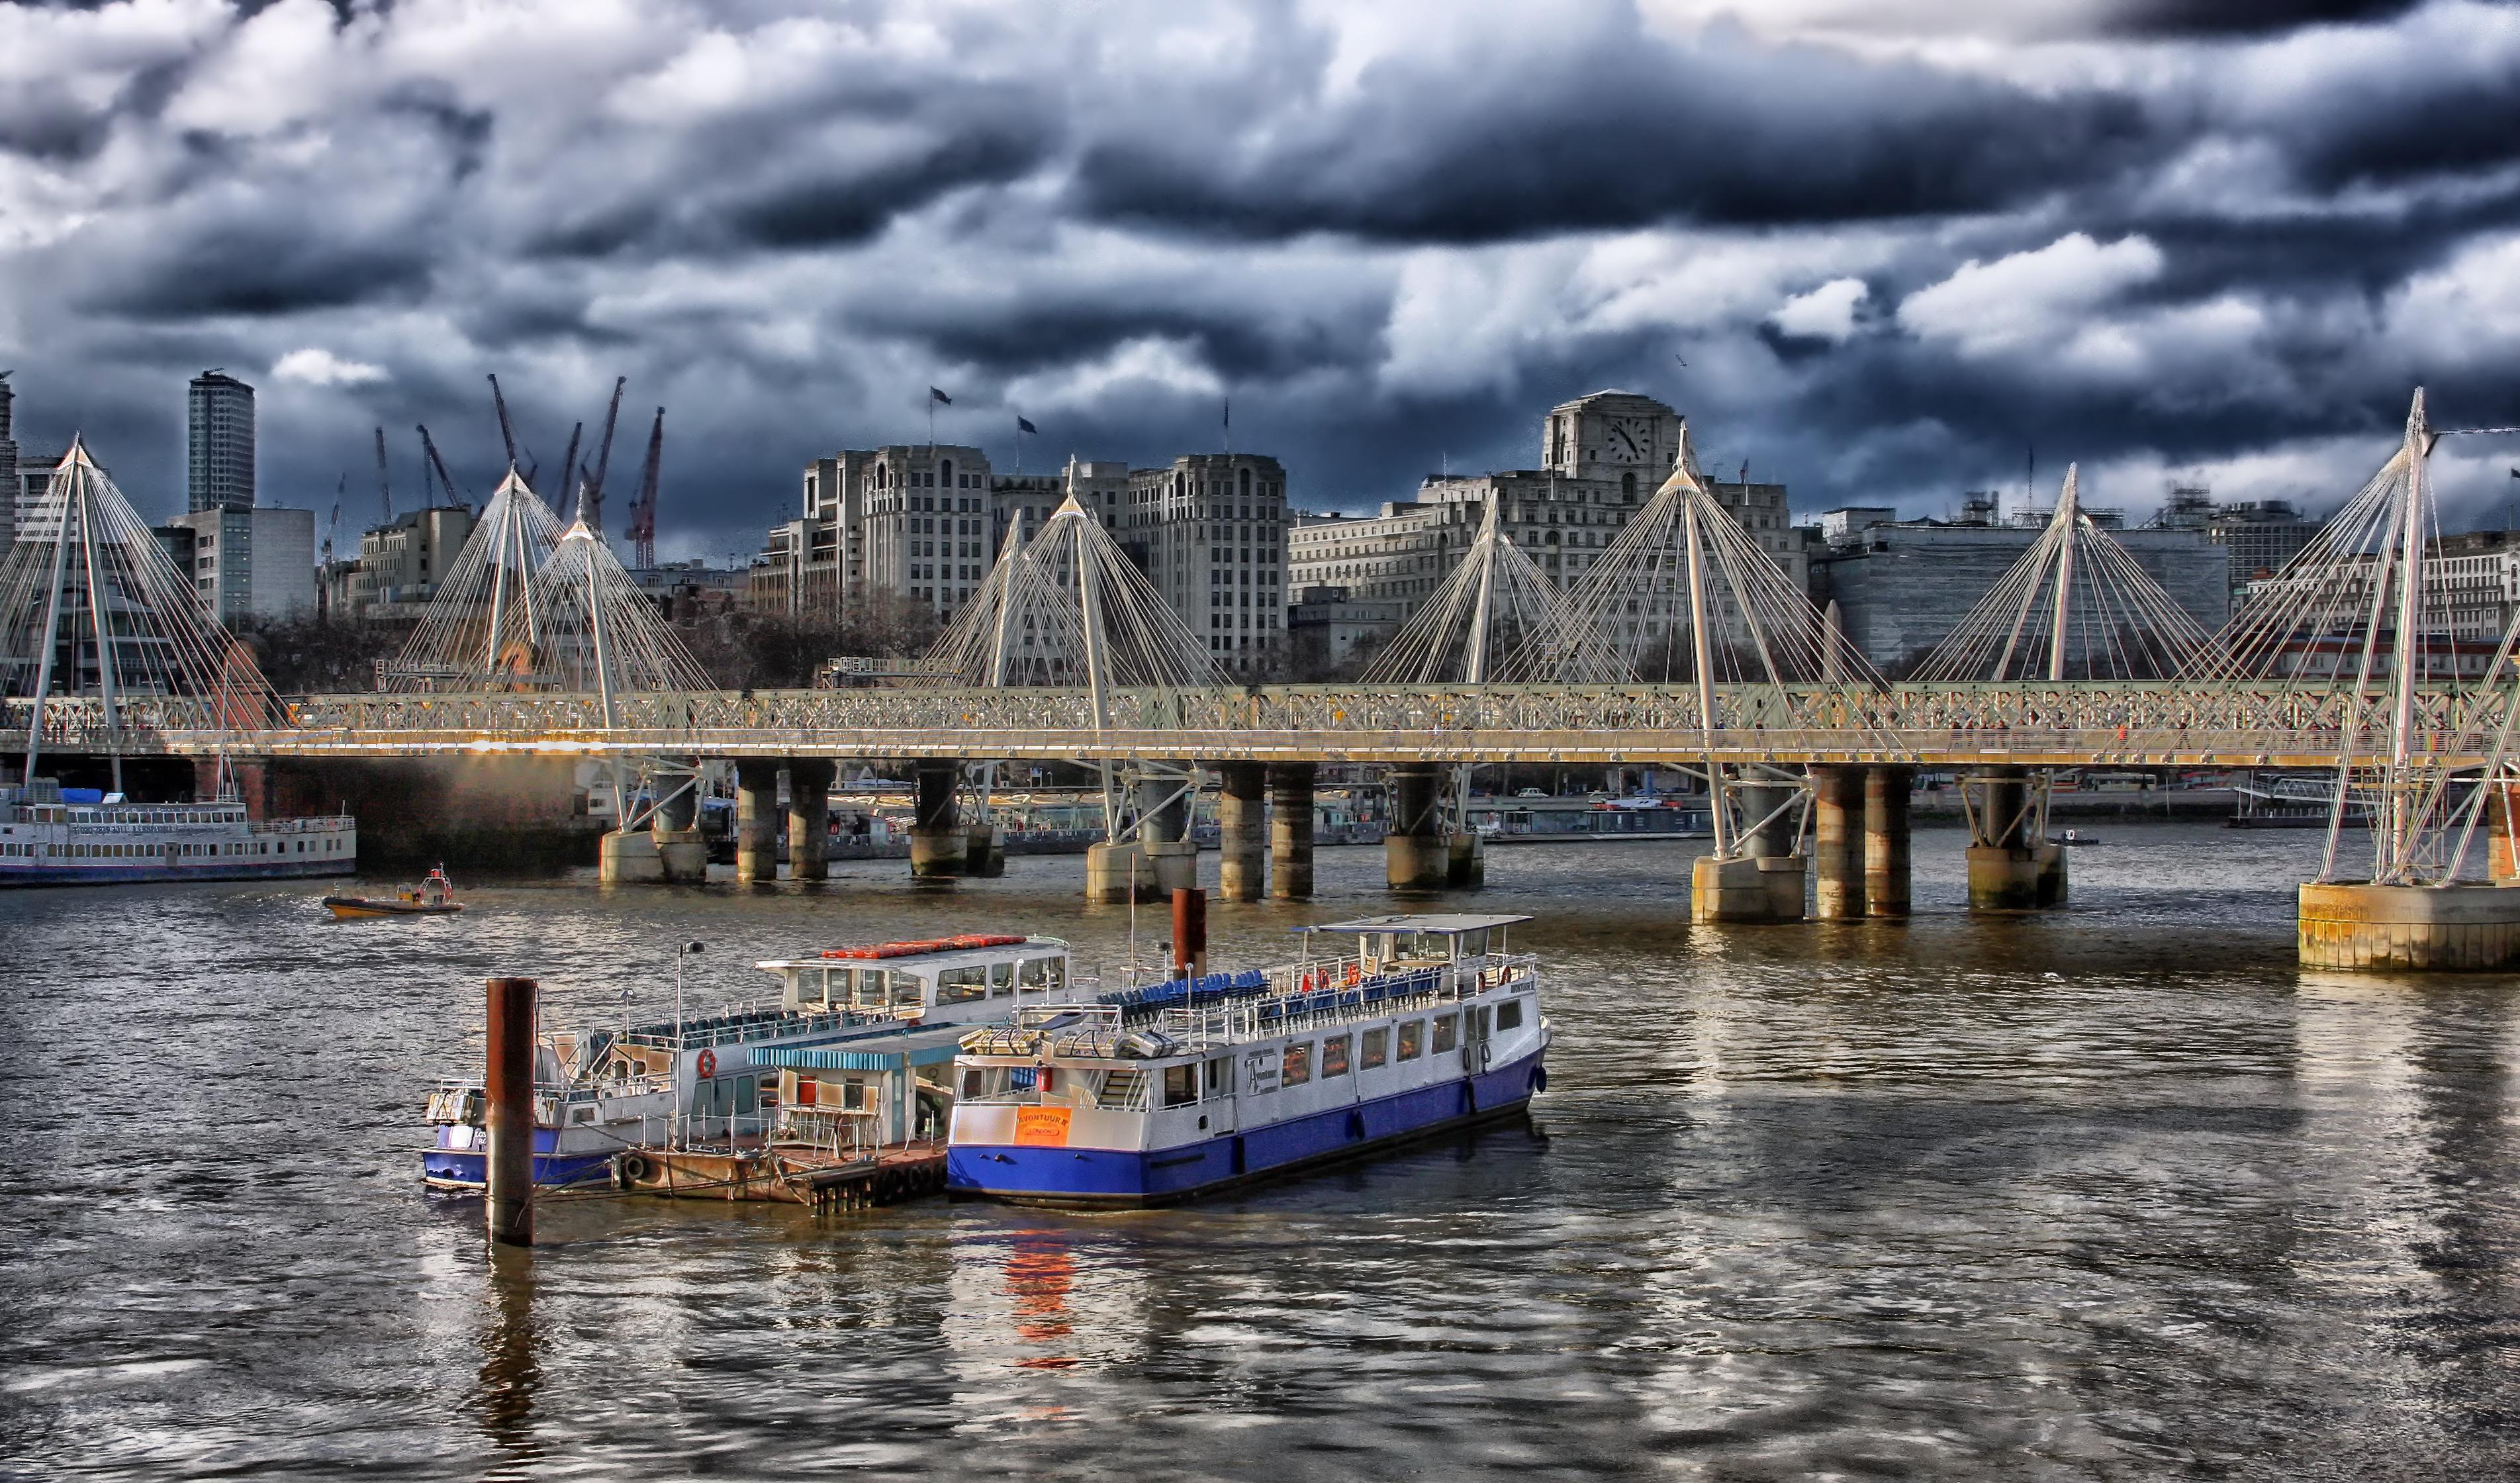 लंदन होटल हॉस्टल की जगह इंग्लैंड लंदन पास दुनिया भर में सस्ते कम कीमत की बुकिंग